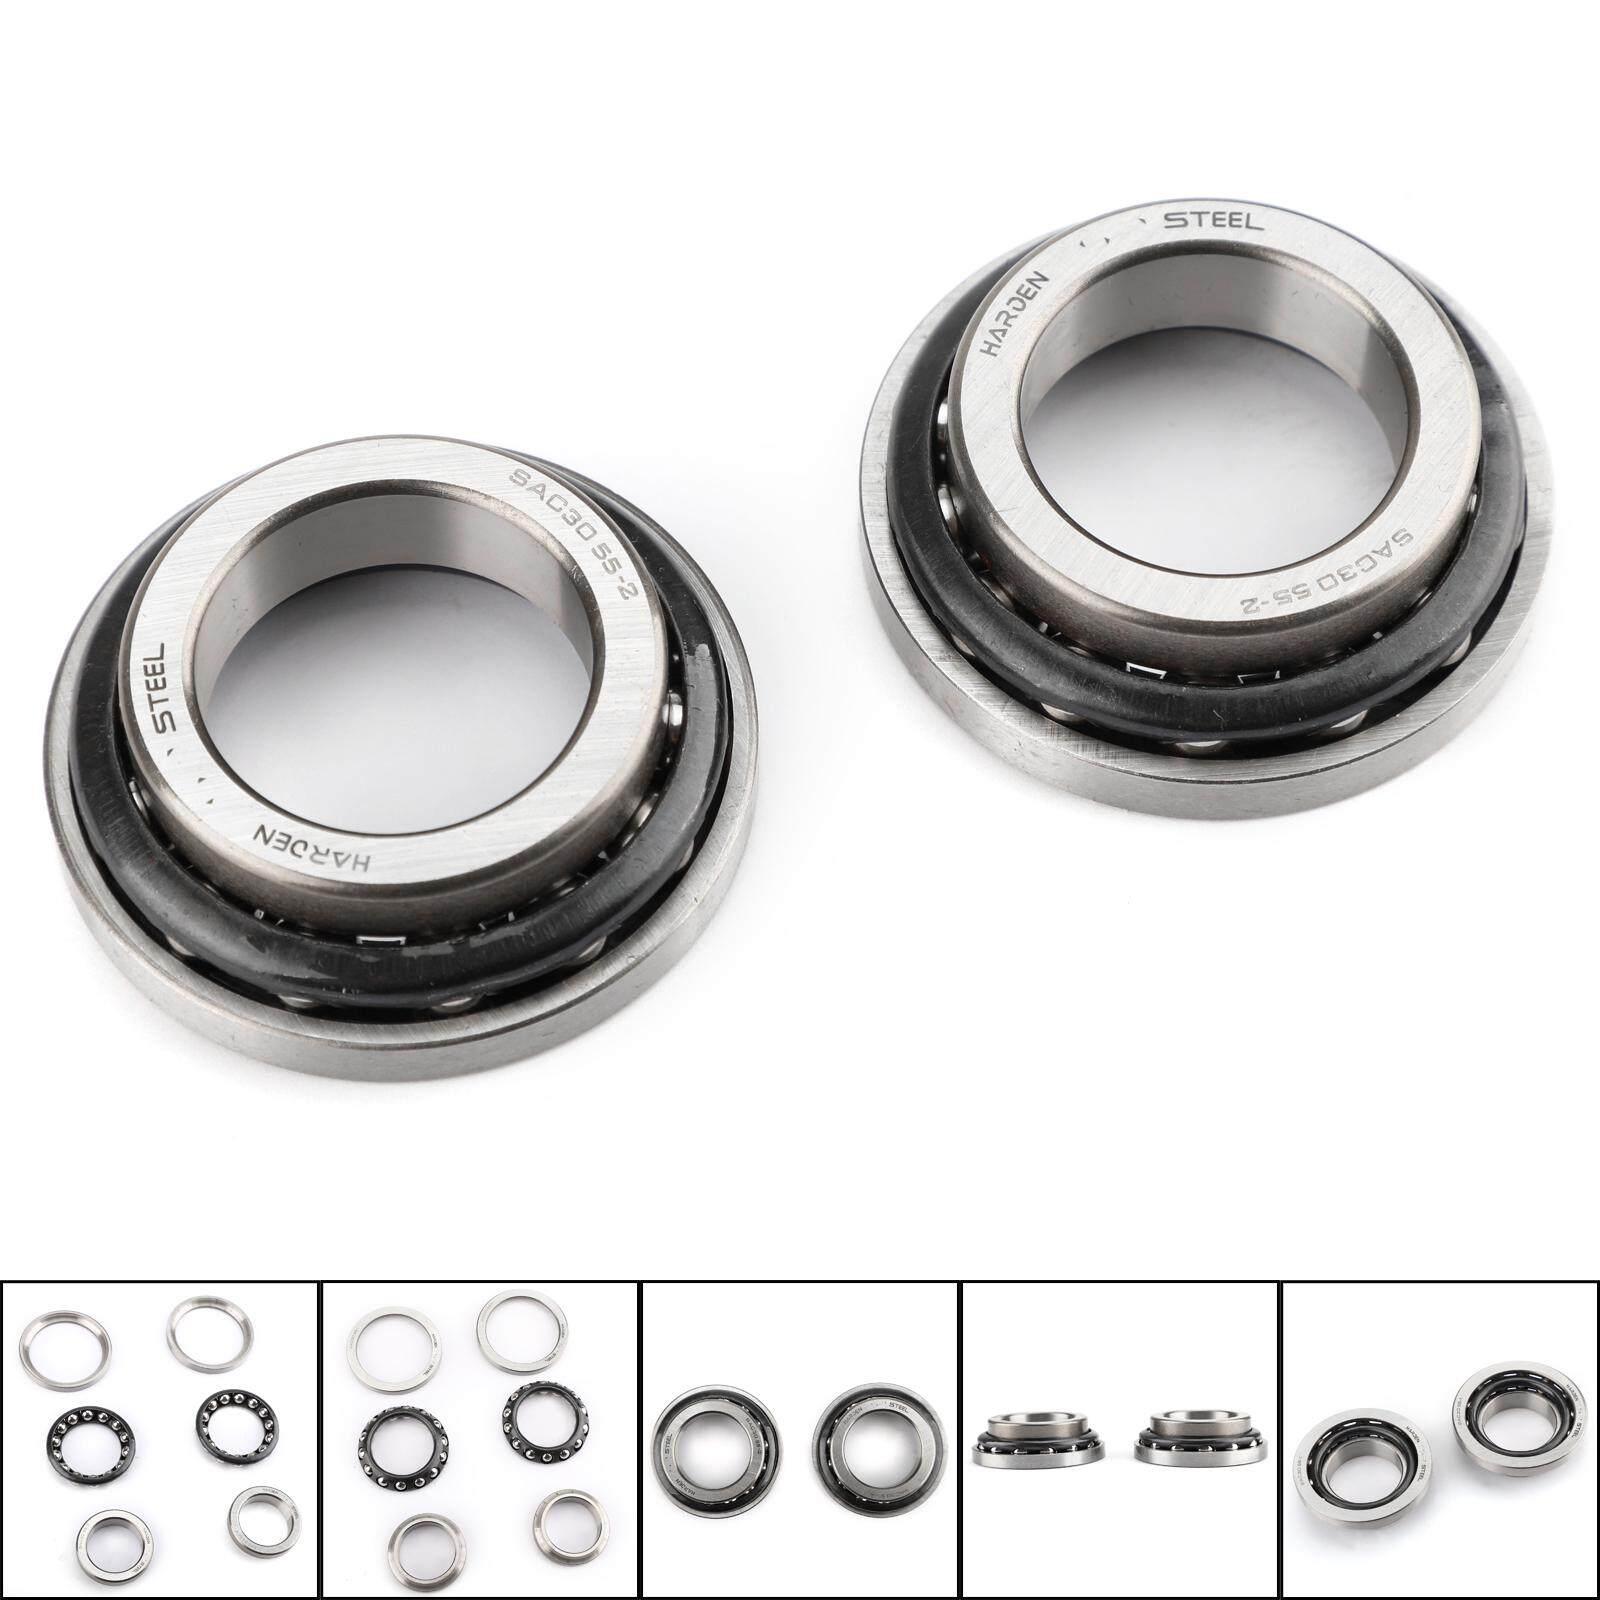 Areyourshop Steering Stem Bearing Seal Kit for Suzuki SV650 GSX-R1000  GSX1300 Hayabusa